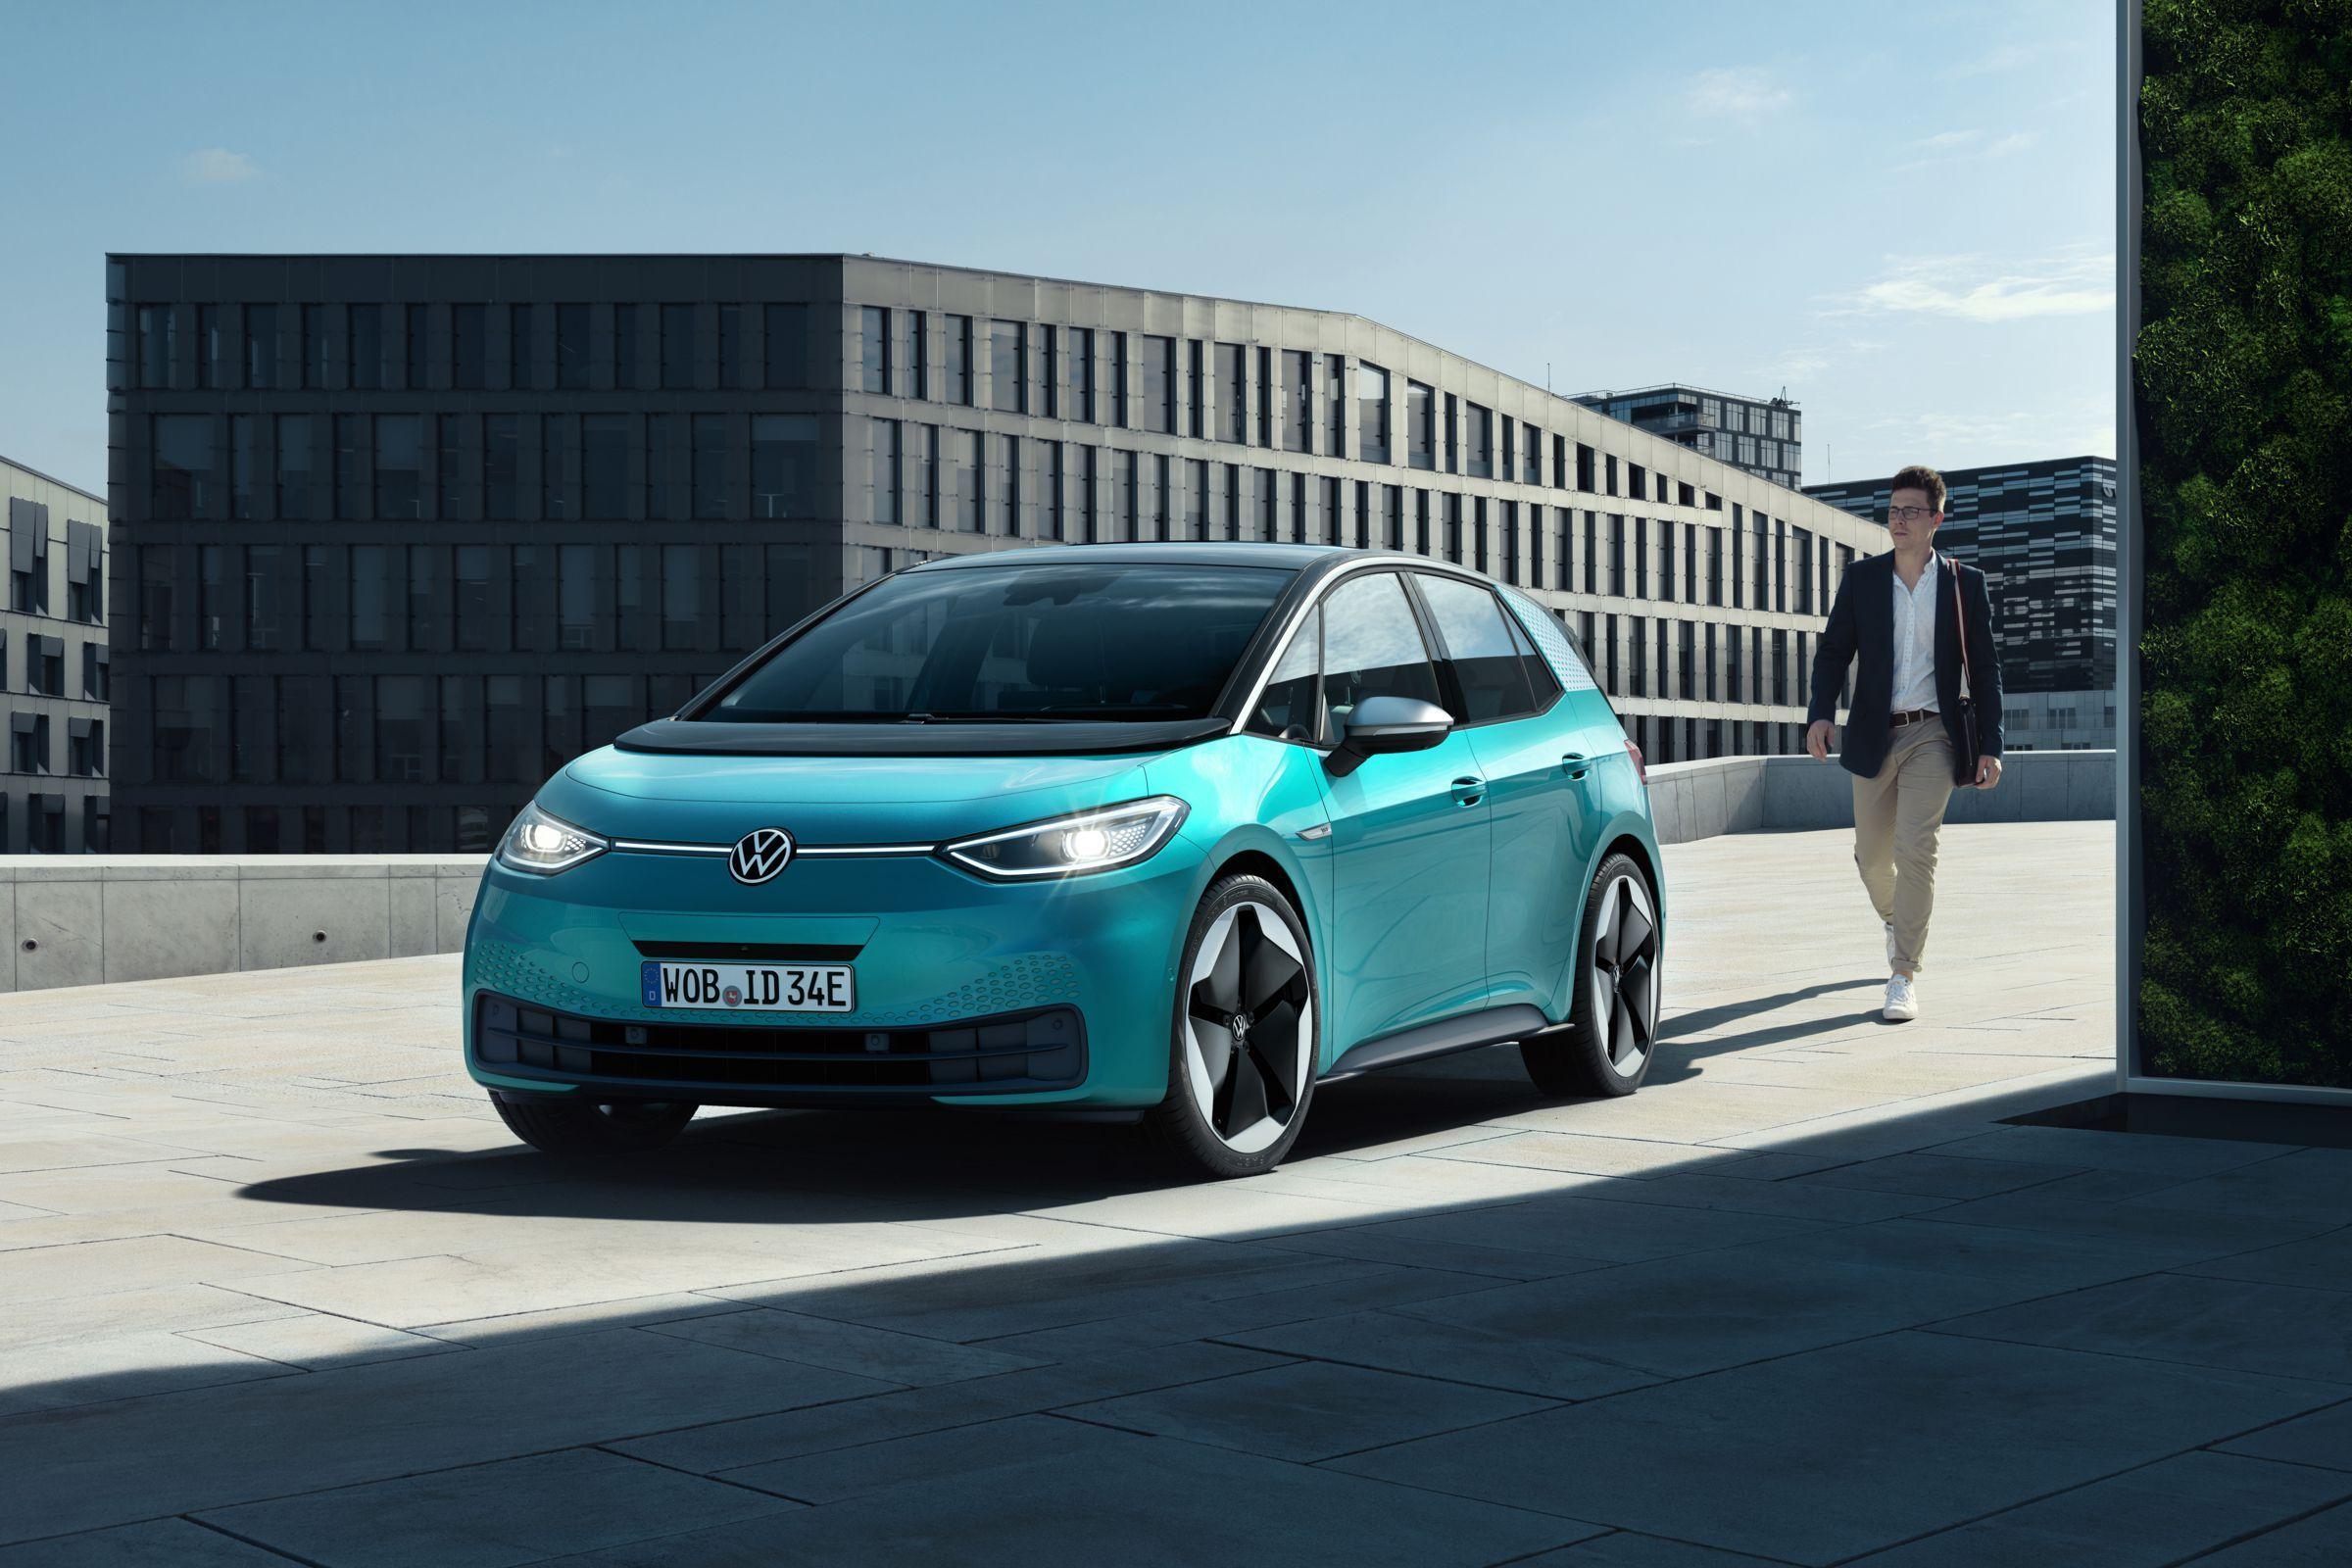 Volkswagen presenta I.D.3, su primer vehículo 100% eléctrico